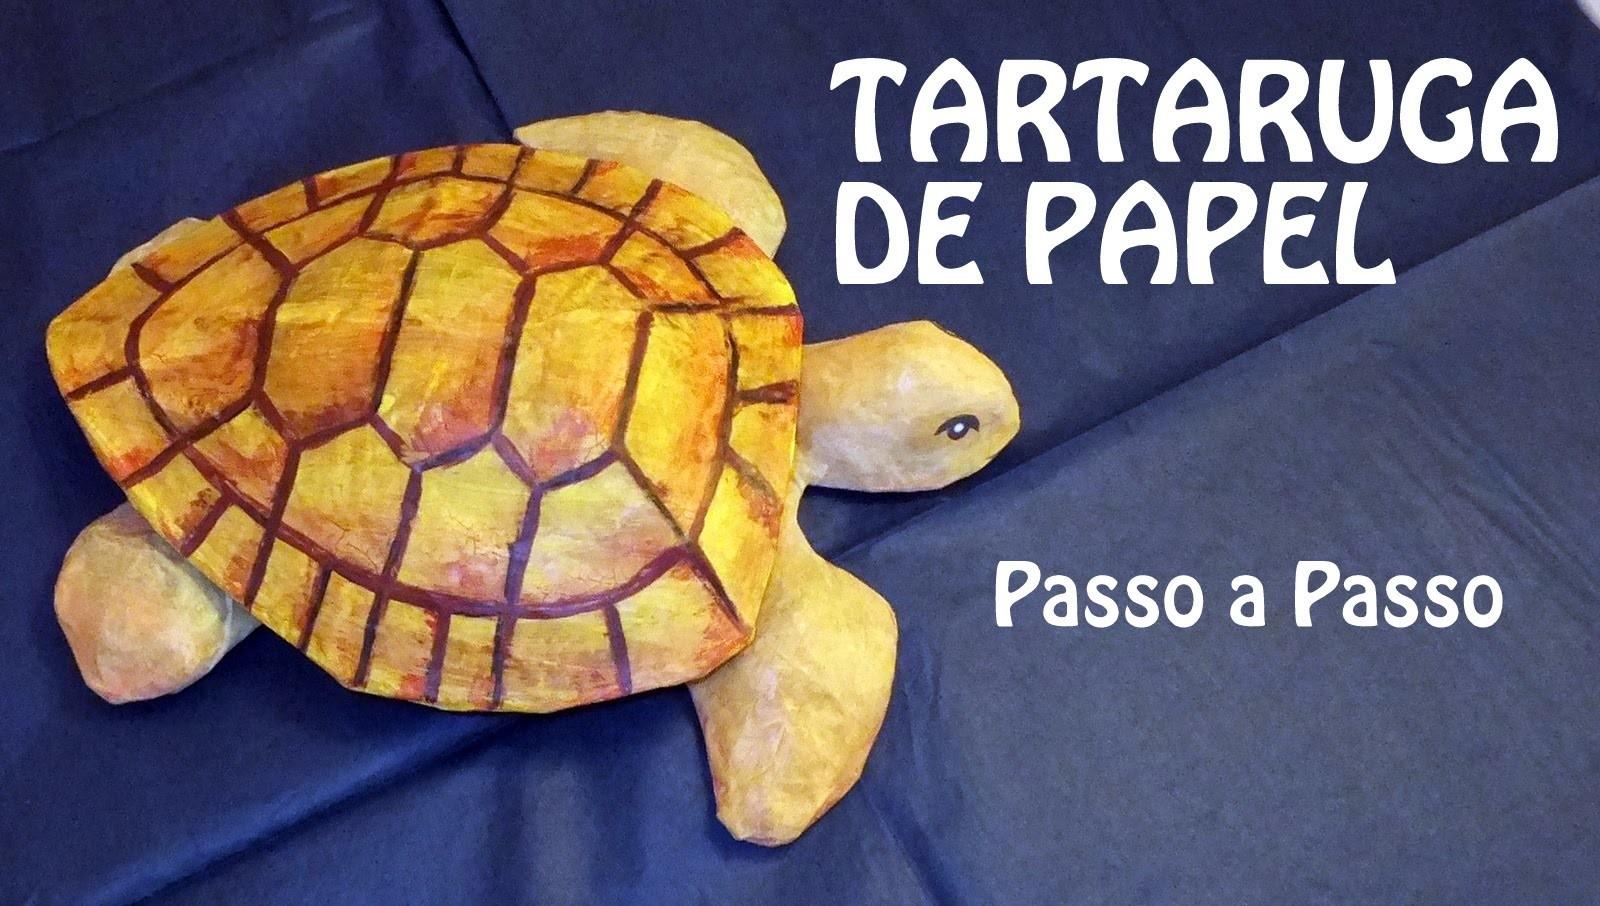 Tartaruga escultura de Papel: Feito a mão Artesanato